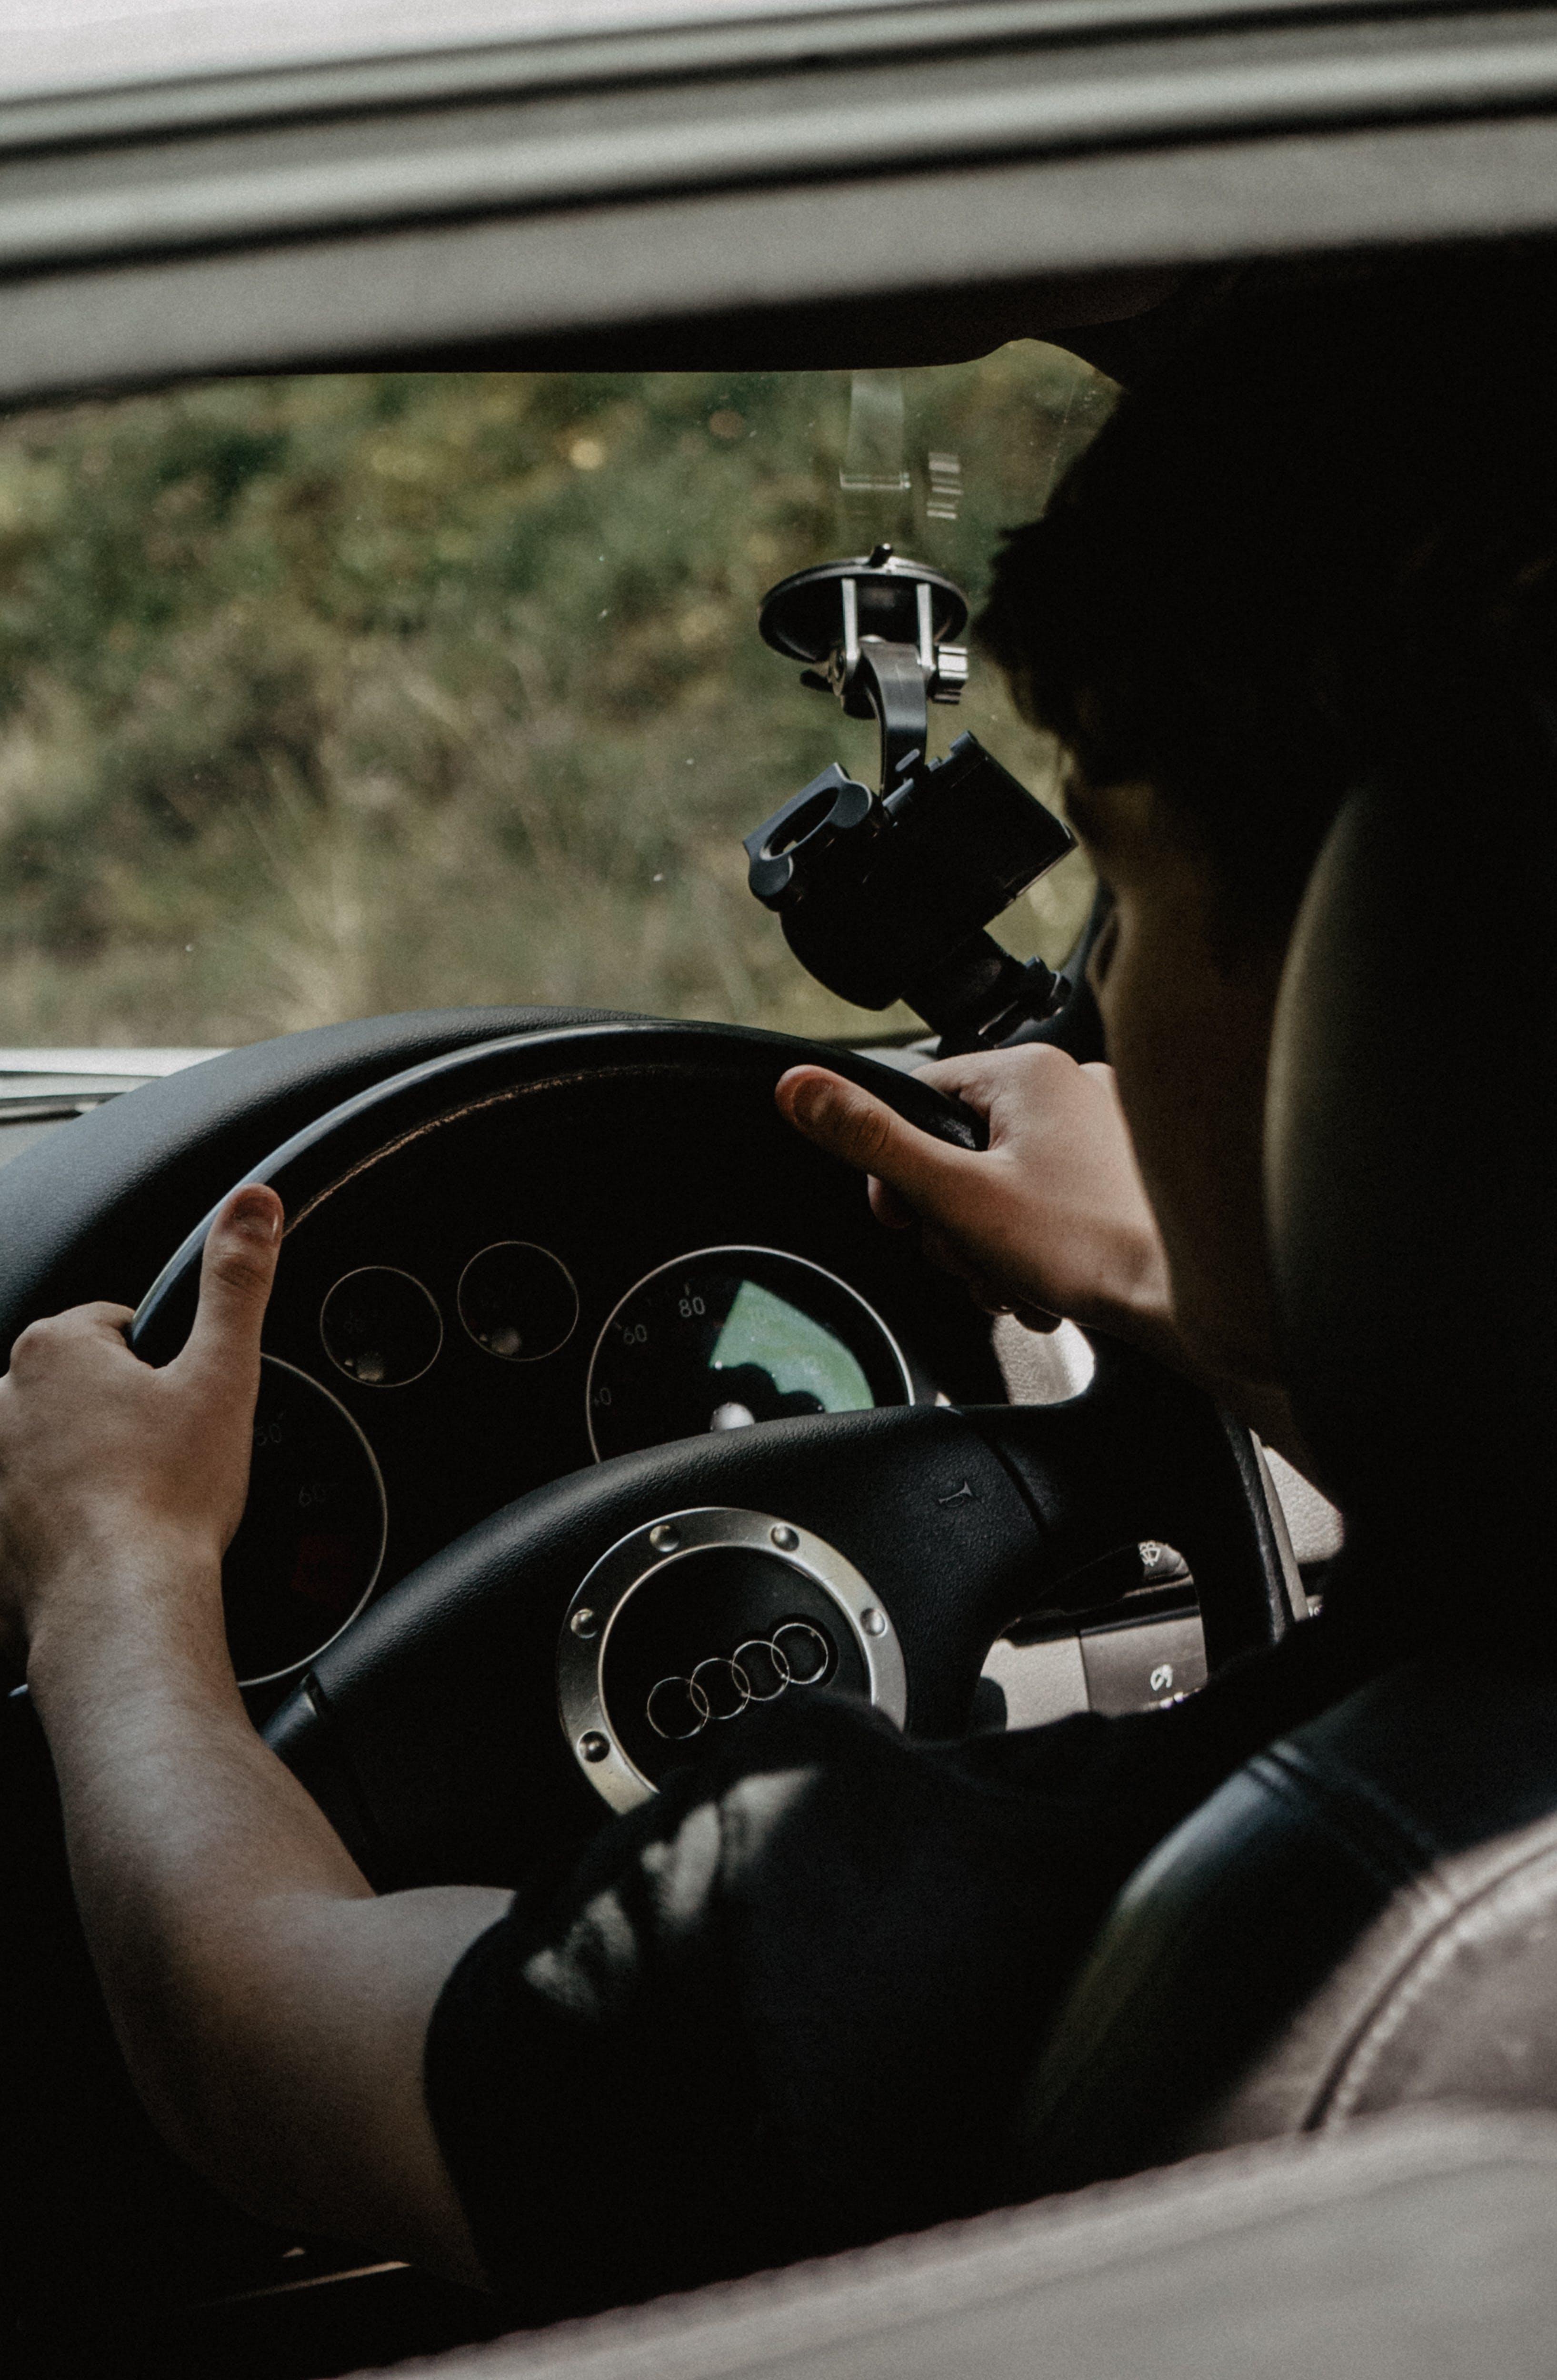 Gratis arkivbilde med audi, bil, bilinteriør, dagslys